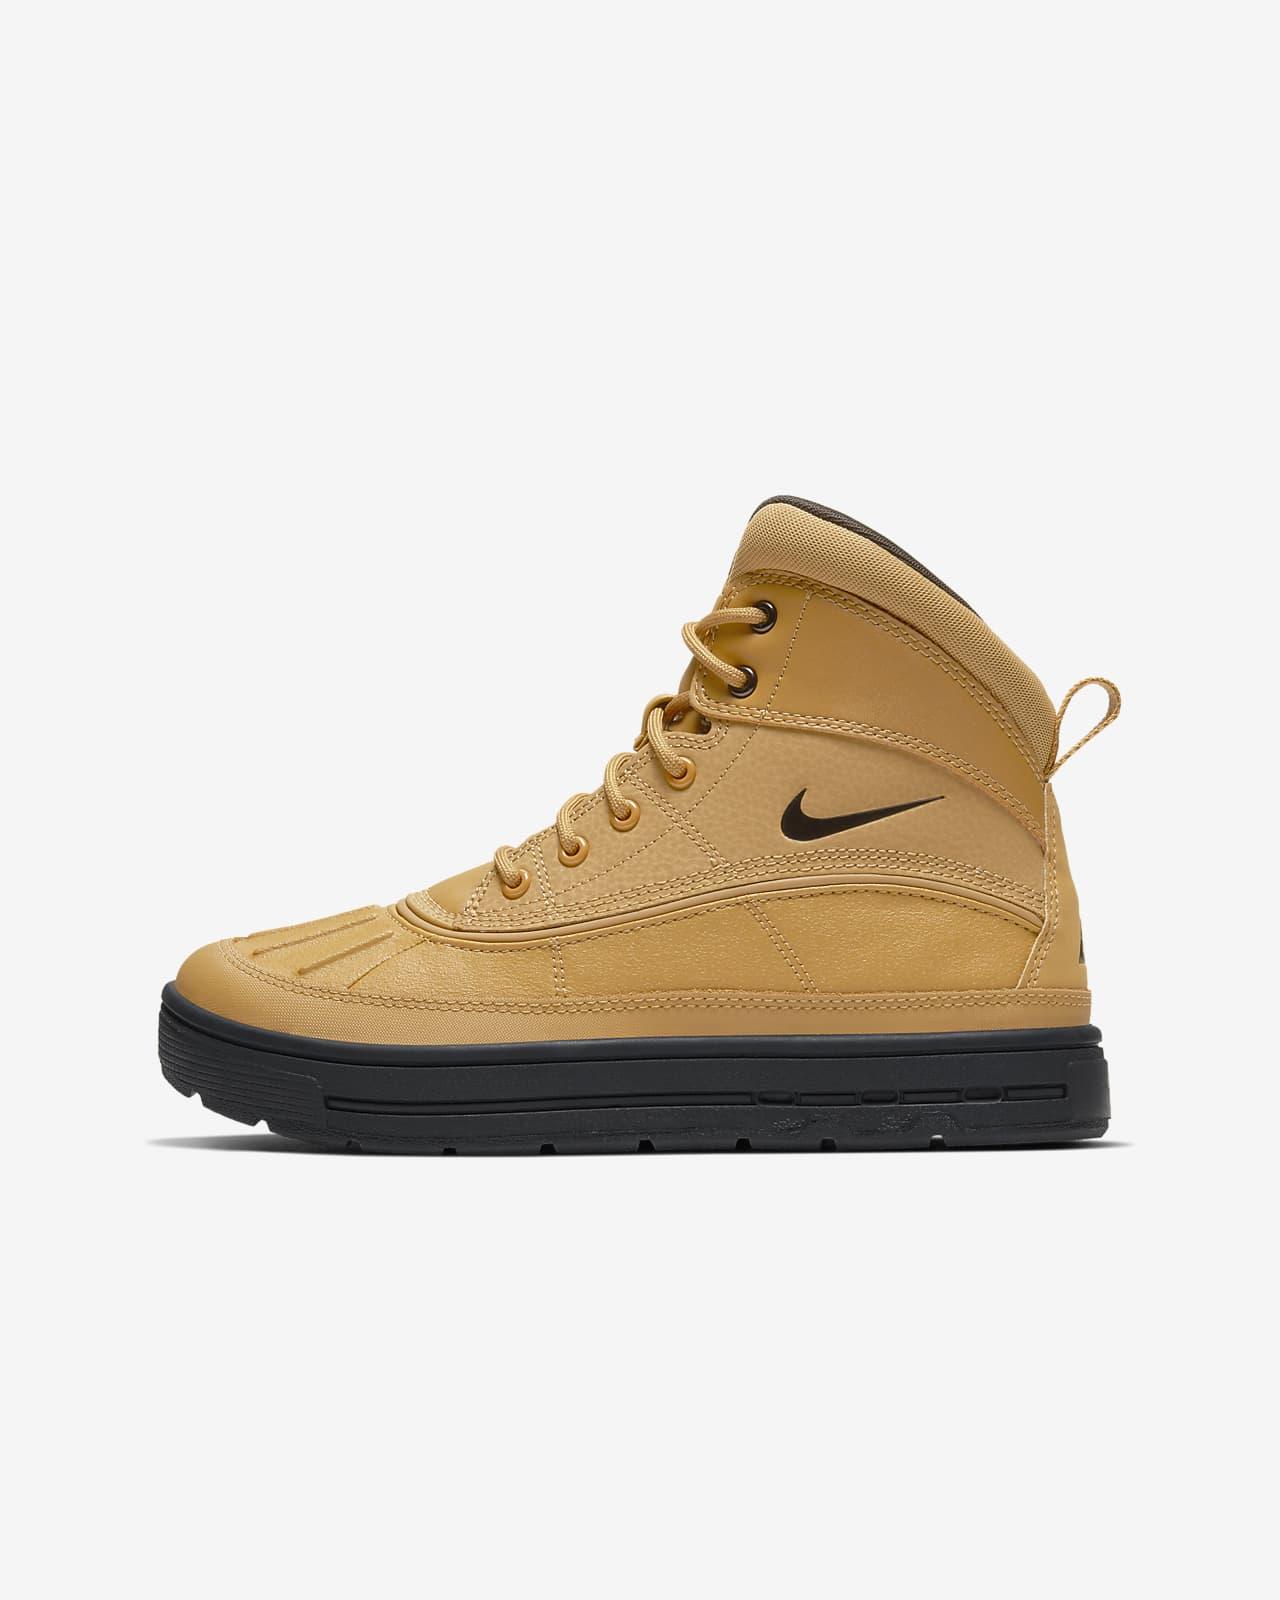 Nike Woodside 2 High ACG Big Kids' Boot